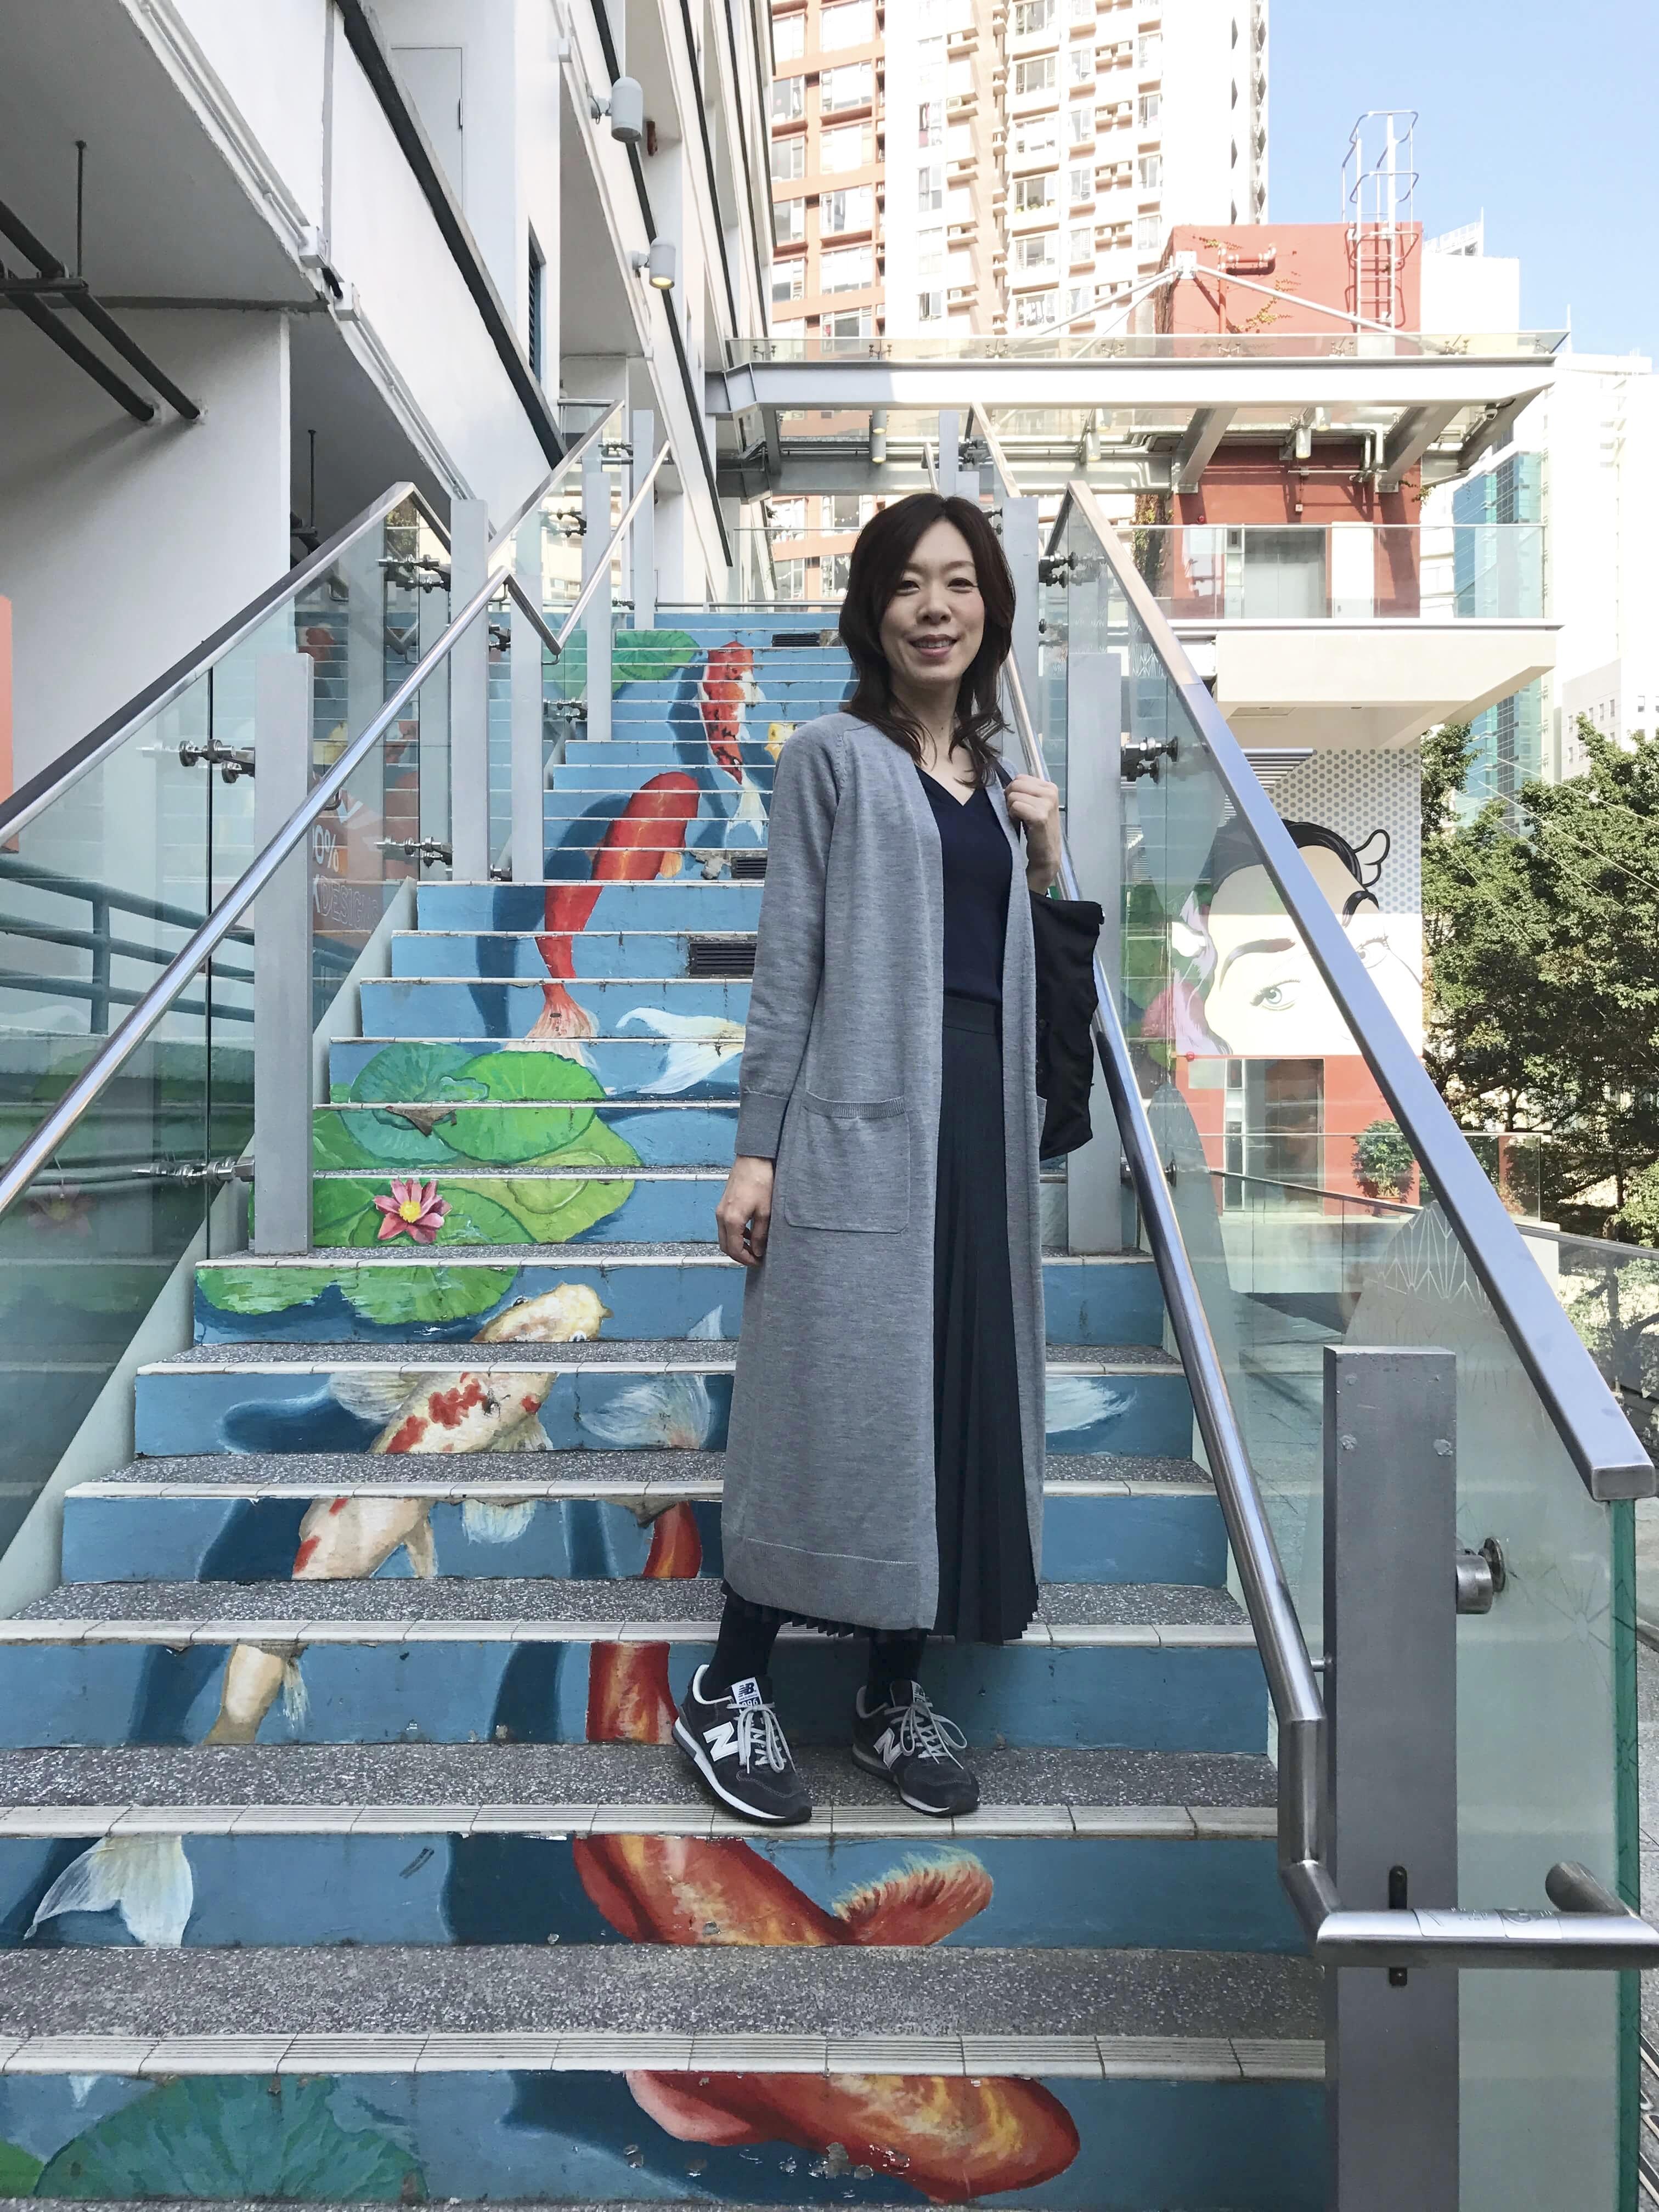 香港は21℃。旅コーデは「トレンチ」「インナーダウン」「薄ニット」があれば寒暖差も自由自在!_1_2-1